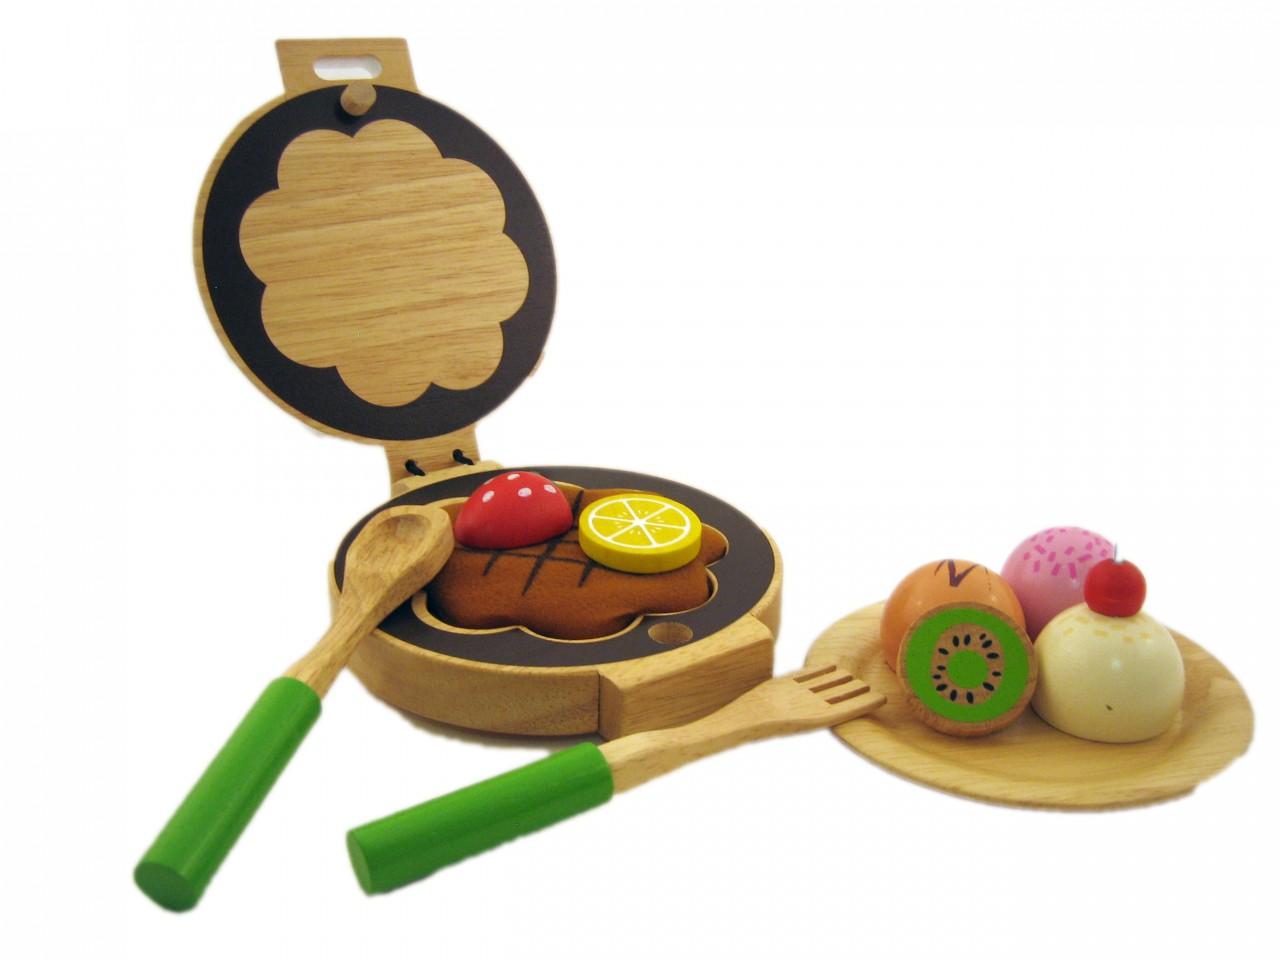 waffeleisen holz lackiert kinderk che backen waffeln essen spielen rollenspiel ebay. Black Bedroom Furniture Sets. Home Design Ideas